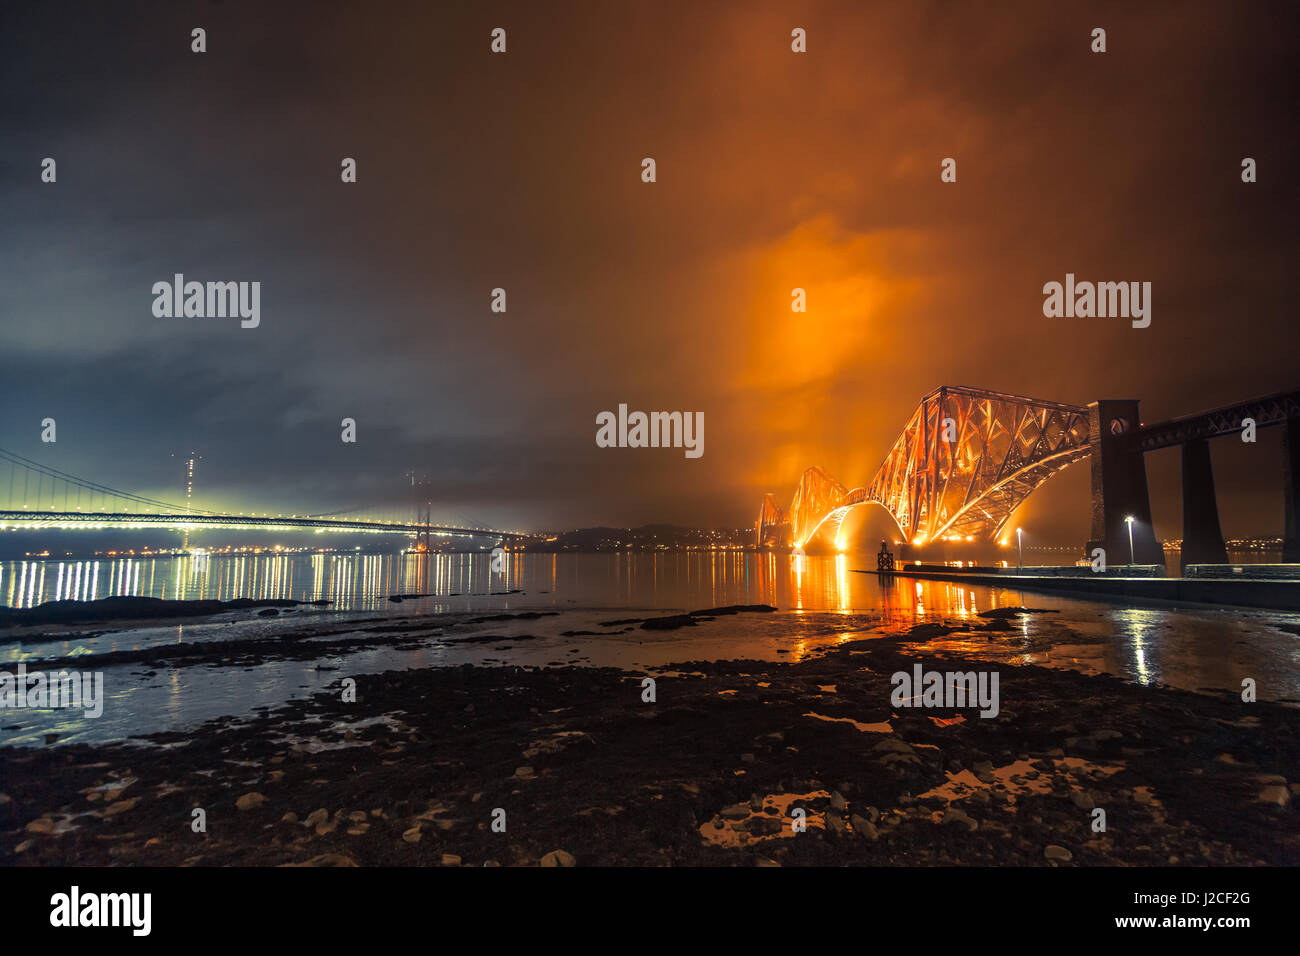 Le Forth Rail Bridge et Forth Road Bridge le franchissement de la rivière Firth dans la nuit. South Queensferry, Photo Stock